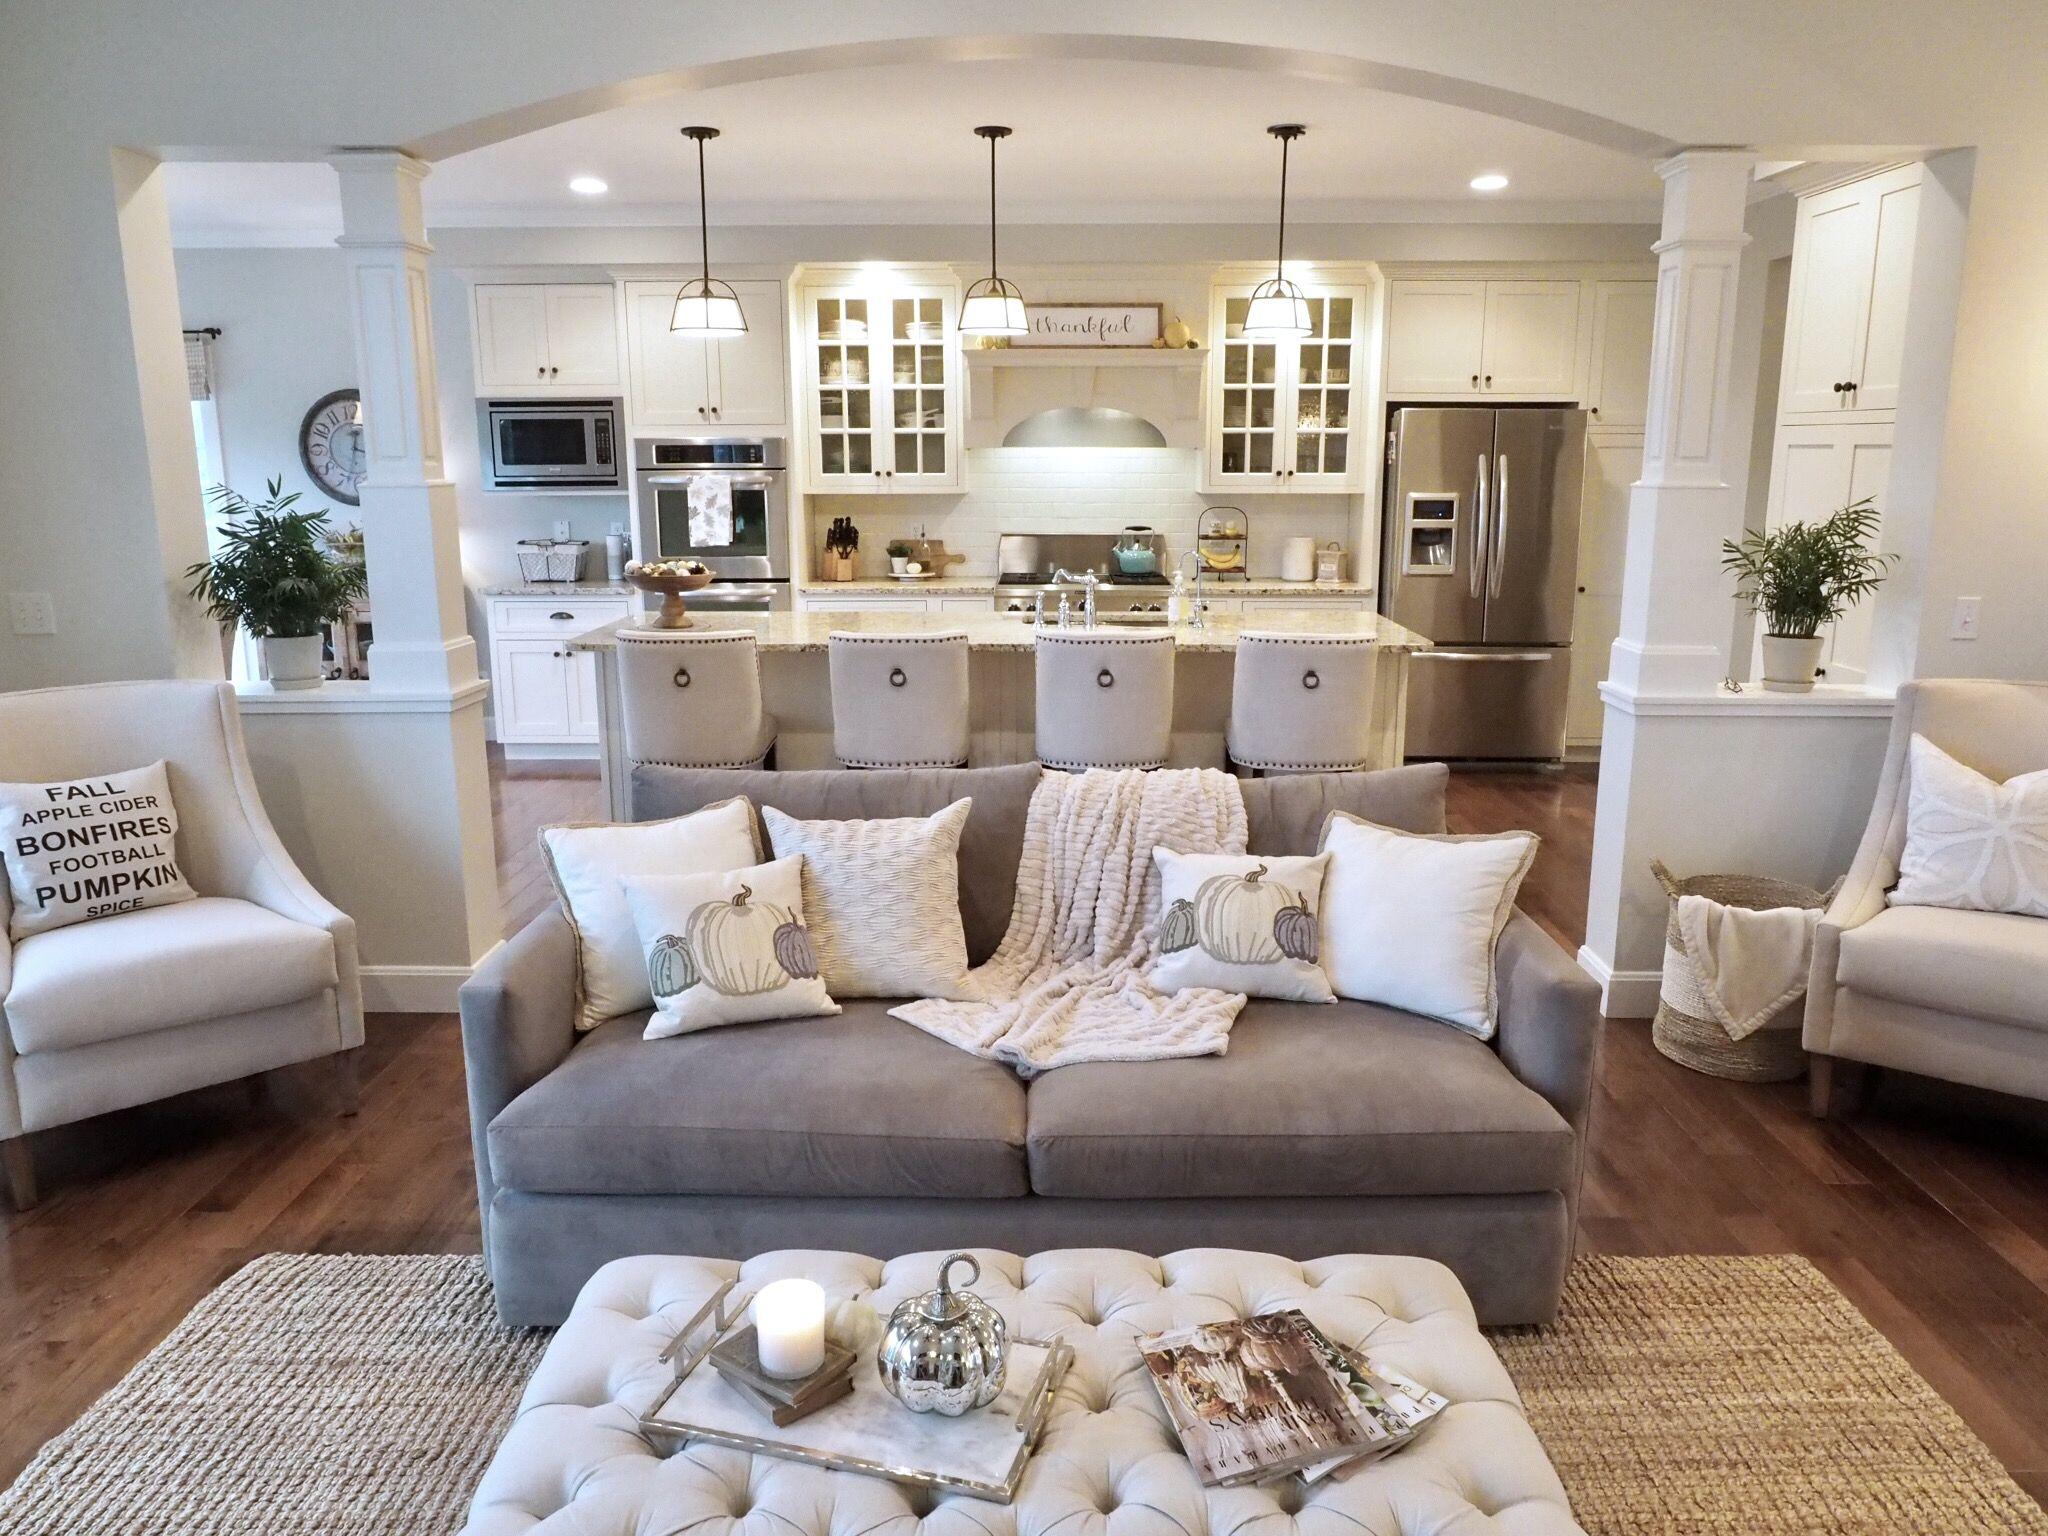 Open Concept Floorplan Open Floorplan Living Room Family Room White Kitch Living Room Floor Plans Open Concept Living Room Open Concept Kitchen Living Room